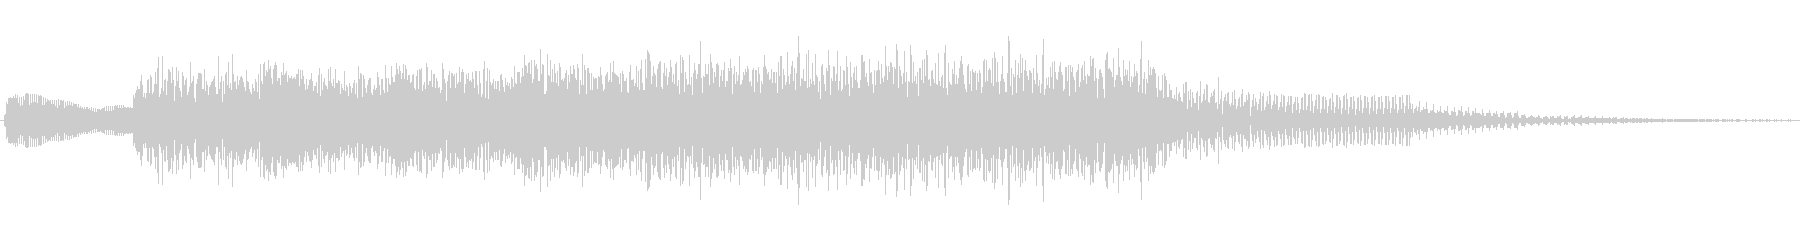 ジングル101gの未再生の波形